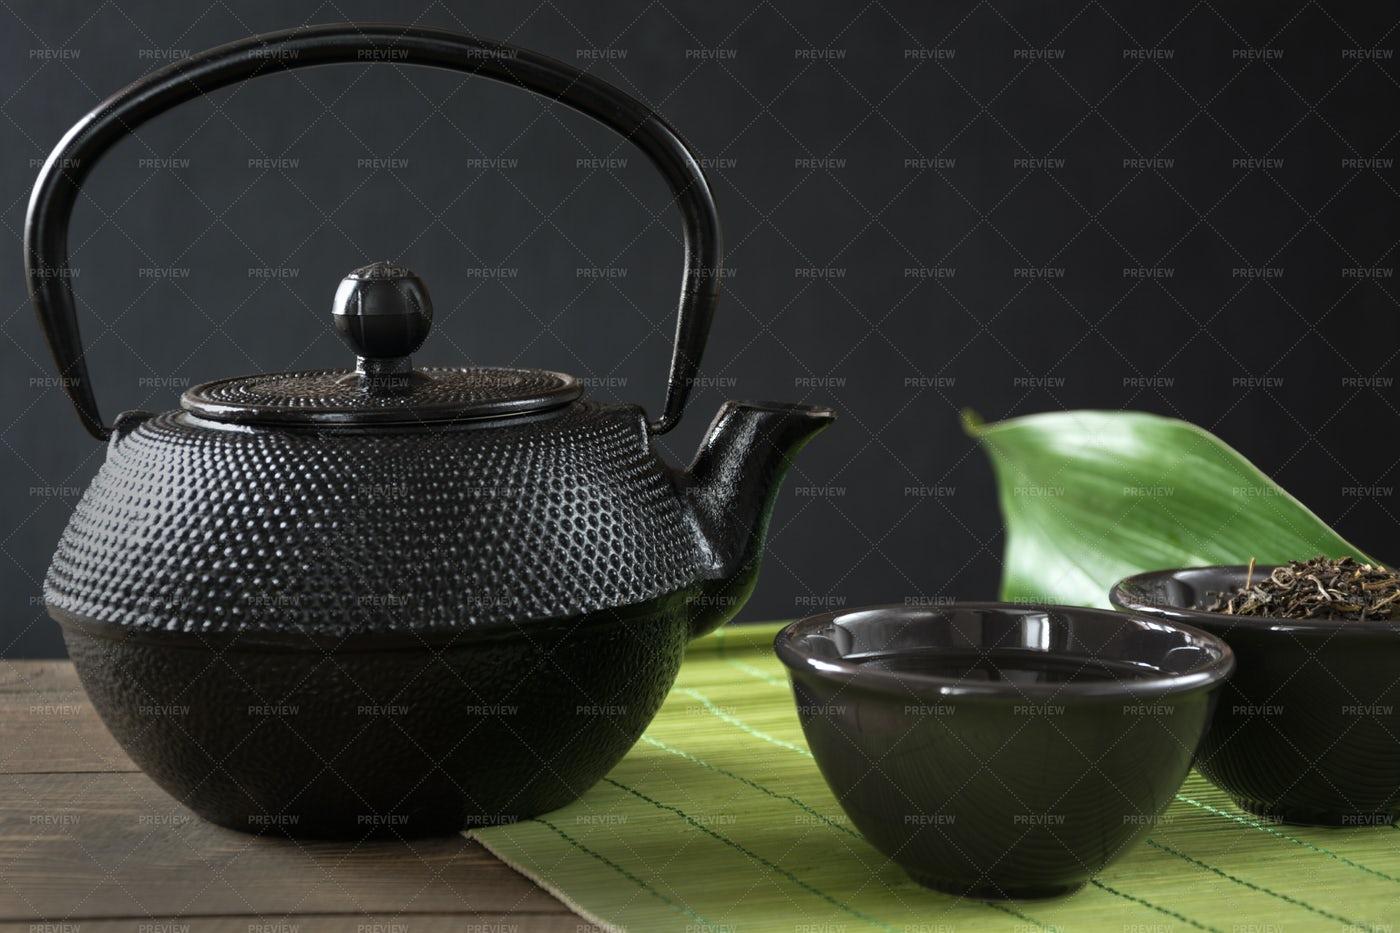 Black Teapot And Cup: Stock Photos